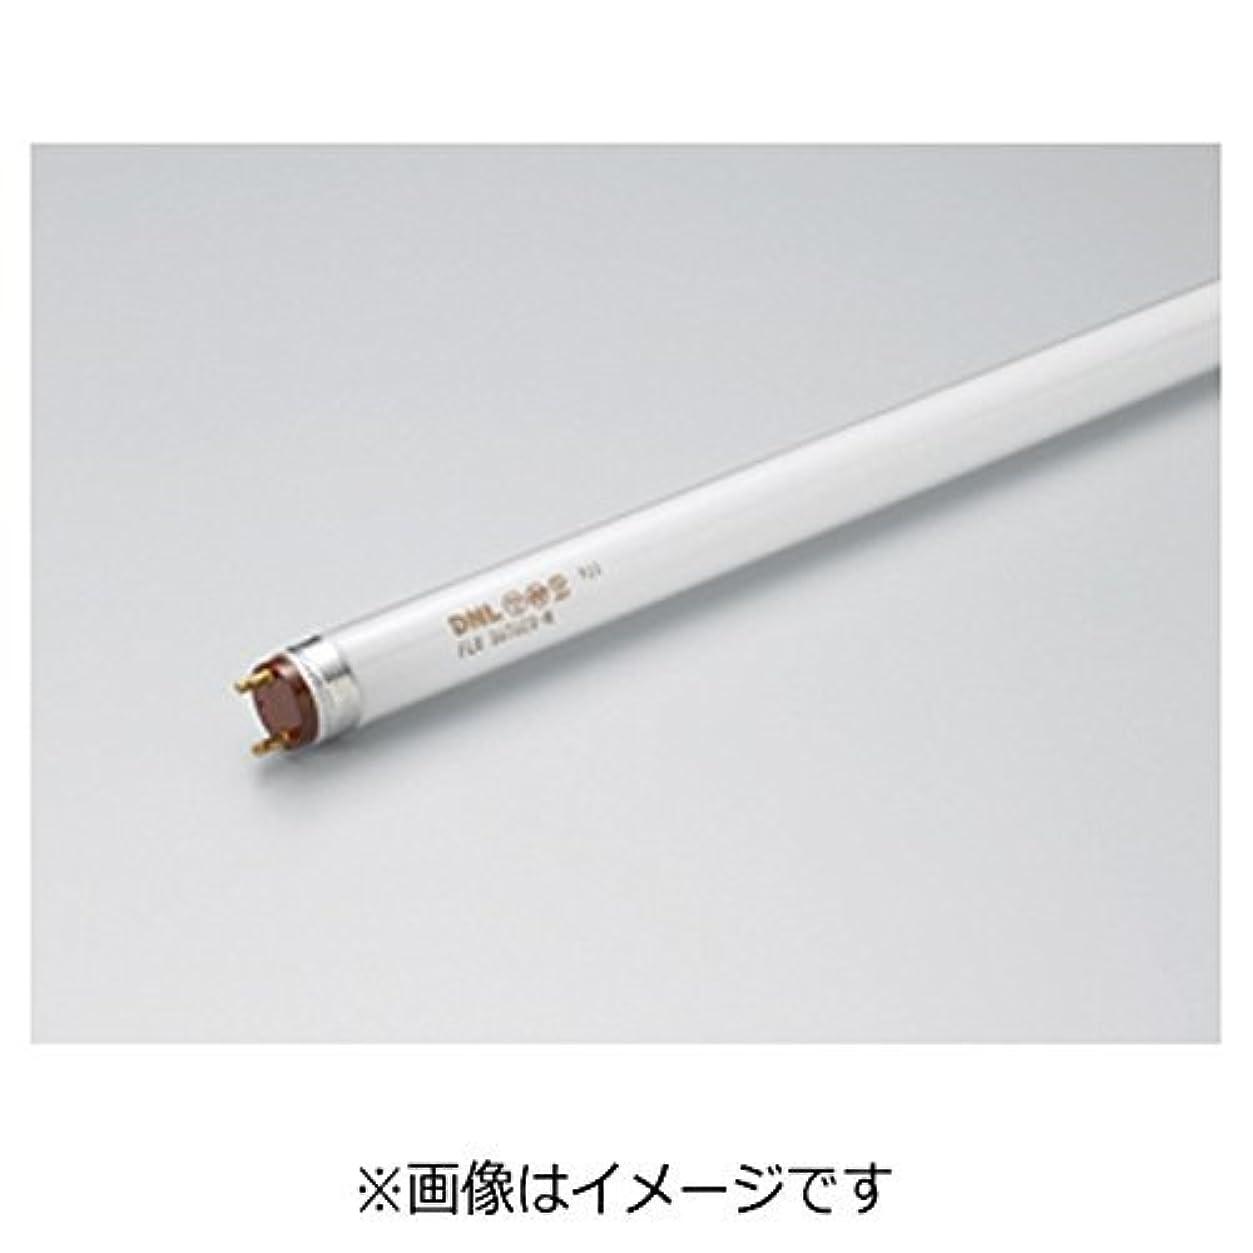 ペイントレーザ味方DNライティング エースライン スリム蛍光灯 FLR36T6EX-N